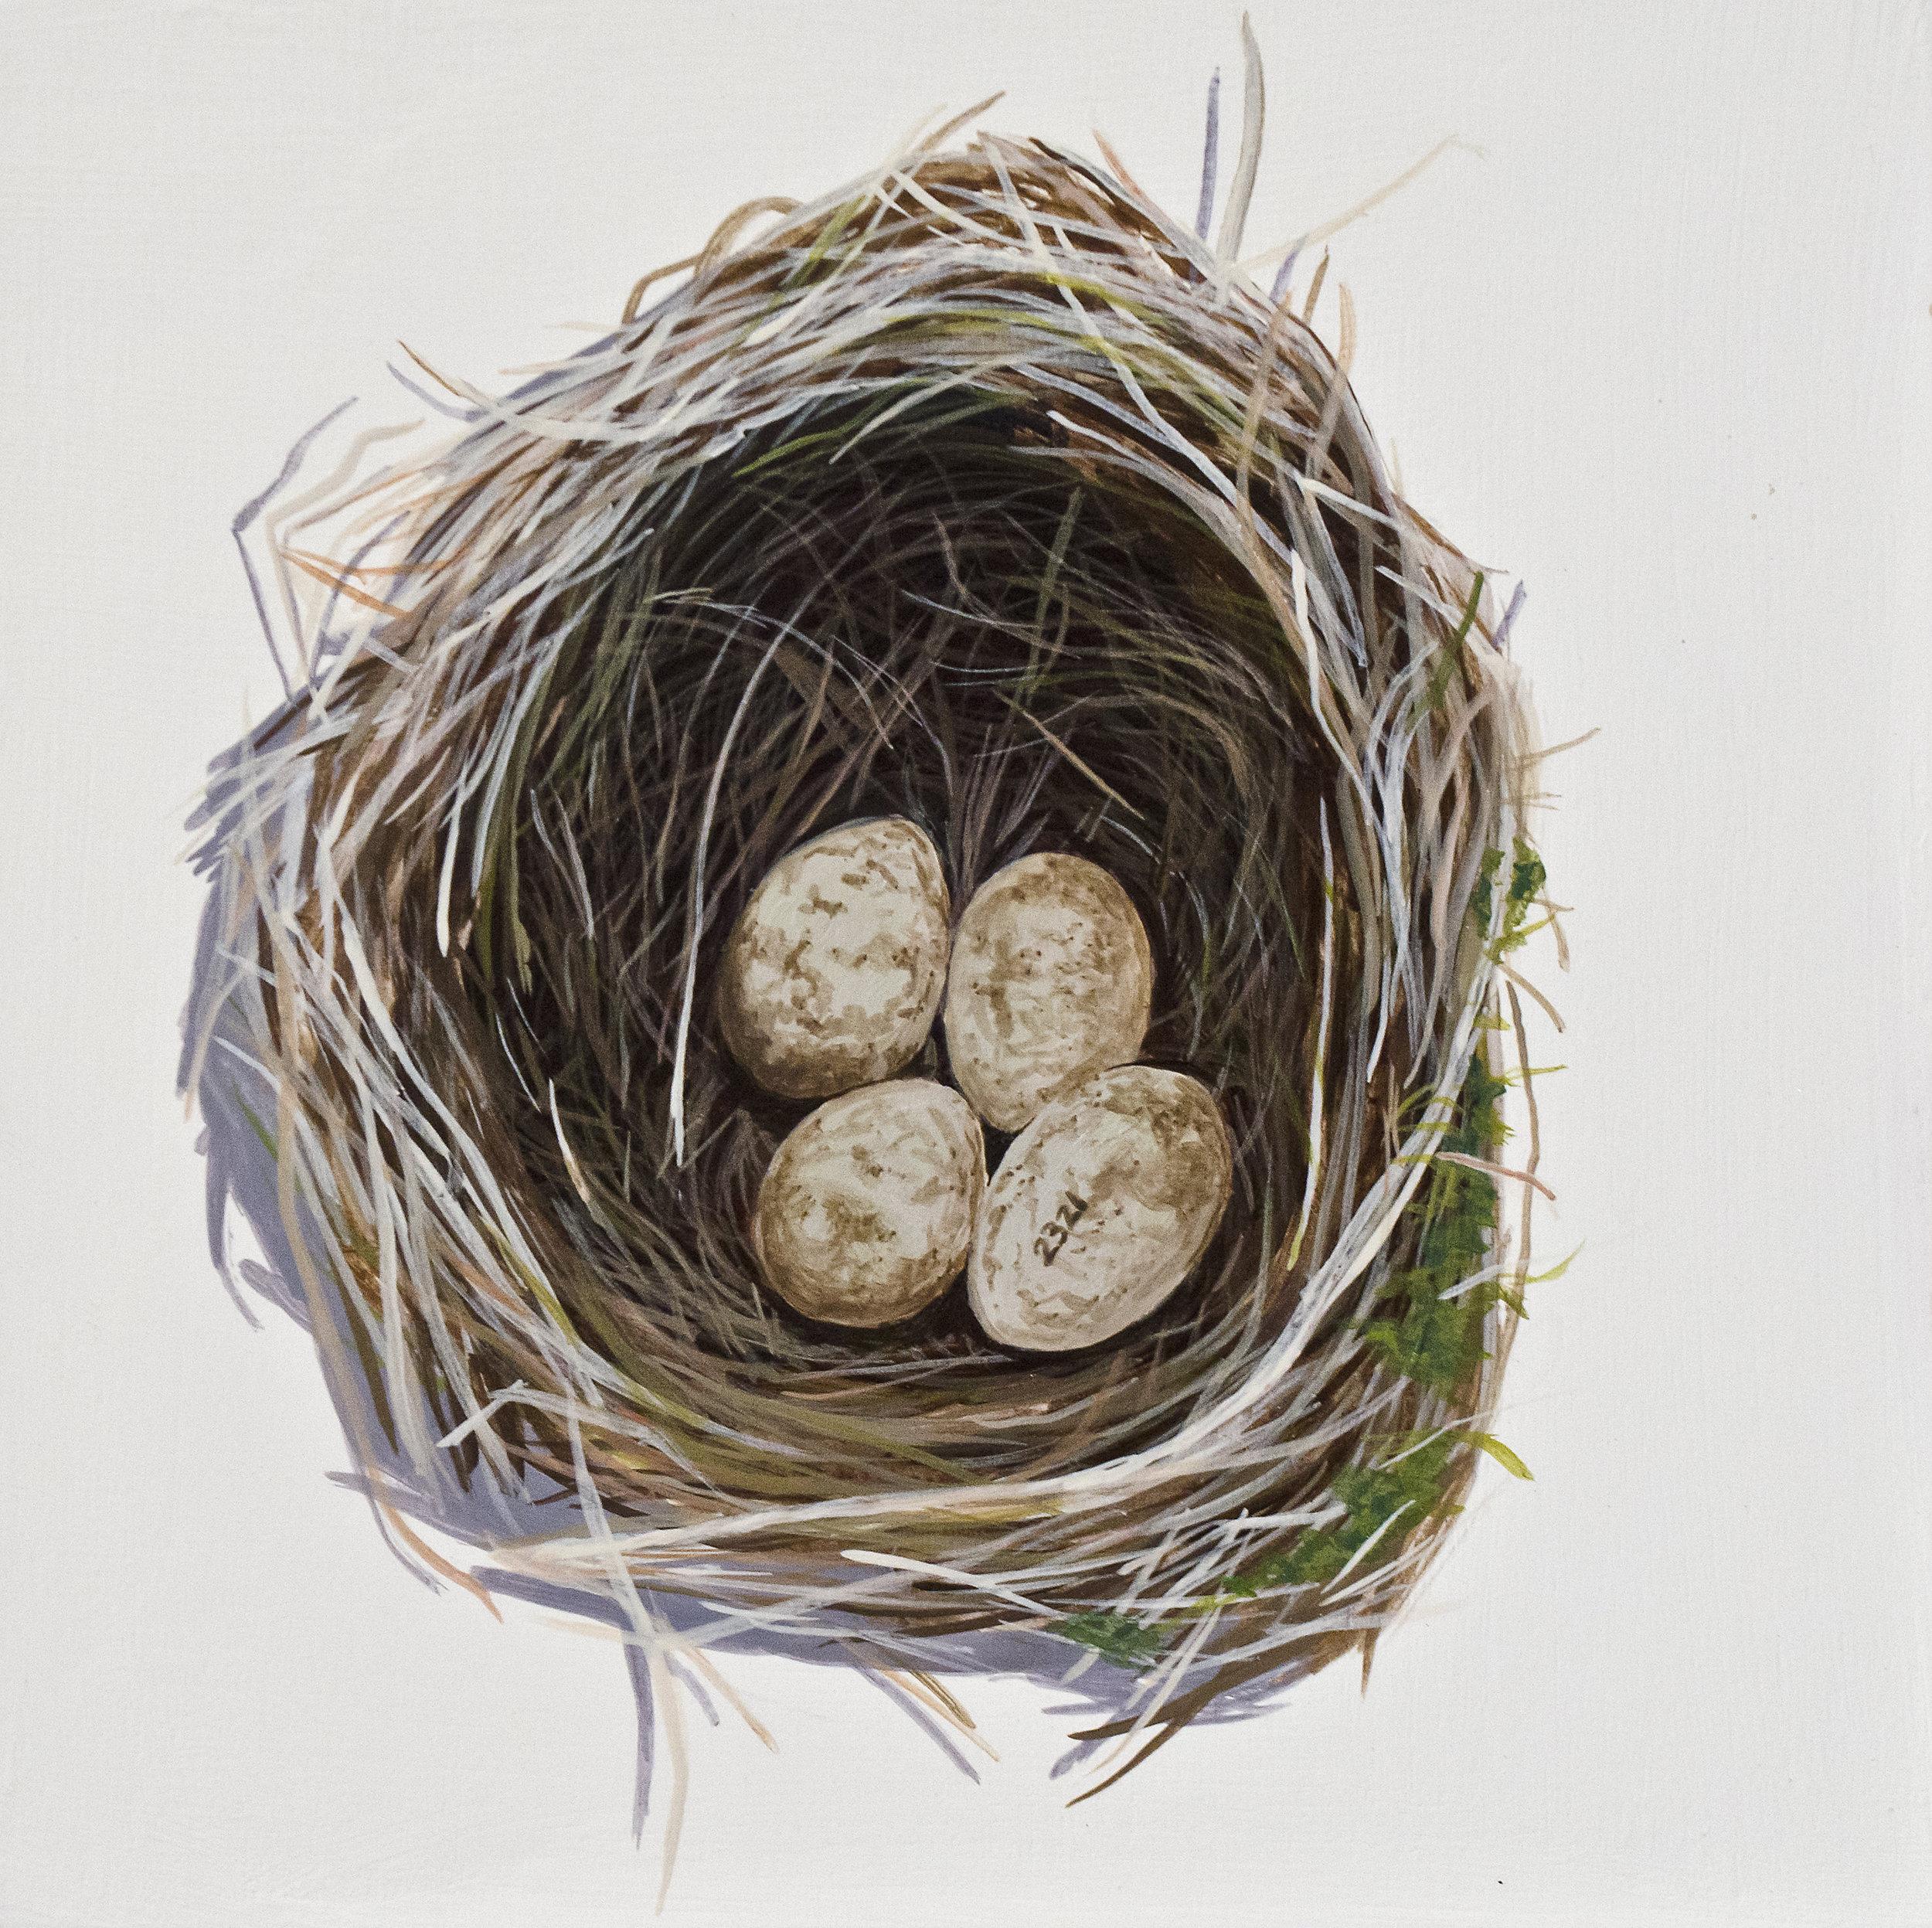 Reed Warbler Nest